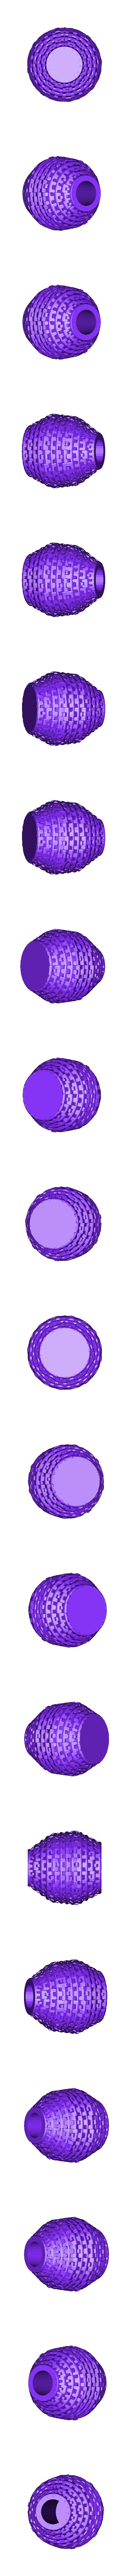 30.stl Télécharger fichier STL X86 Mini vase collection  • Objet imprimable en 3D, motek